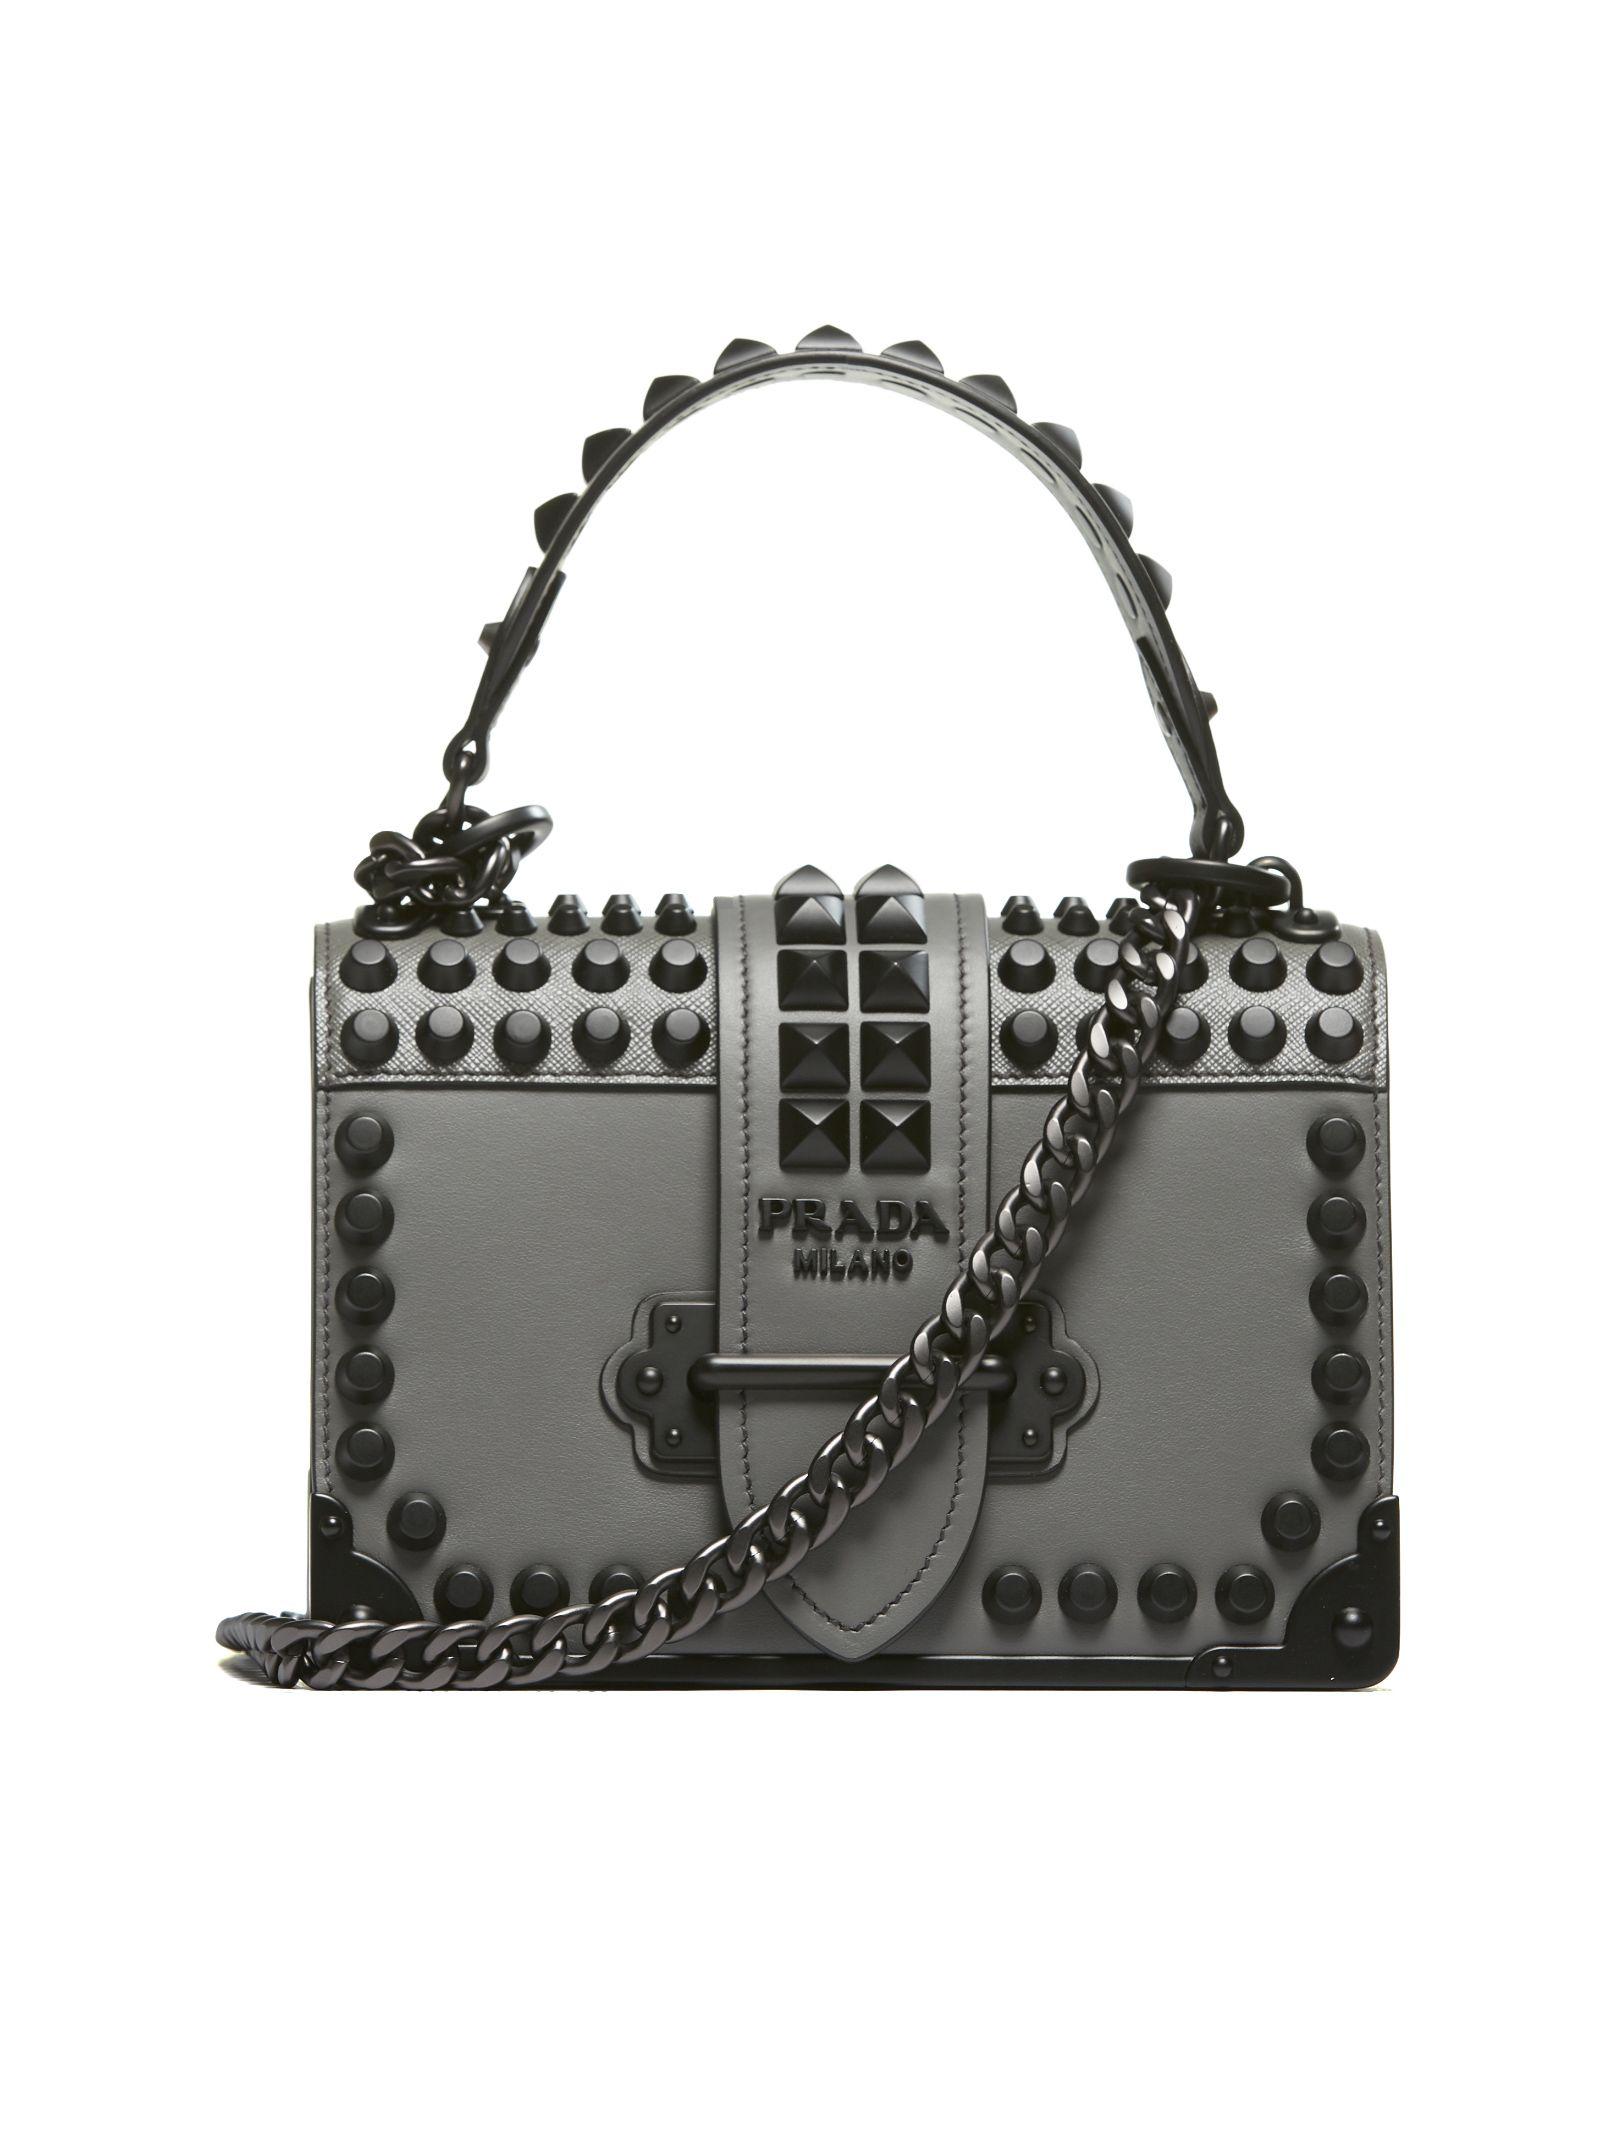 bf0510bb6e2b Prada Prada Shoulder Bag - Grigio nero - 10650916 | italist